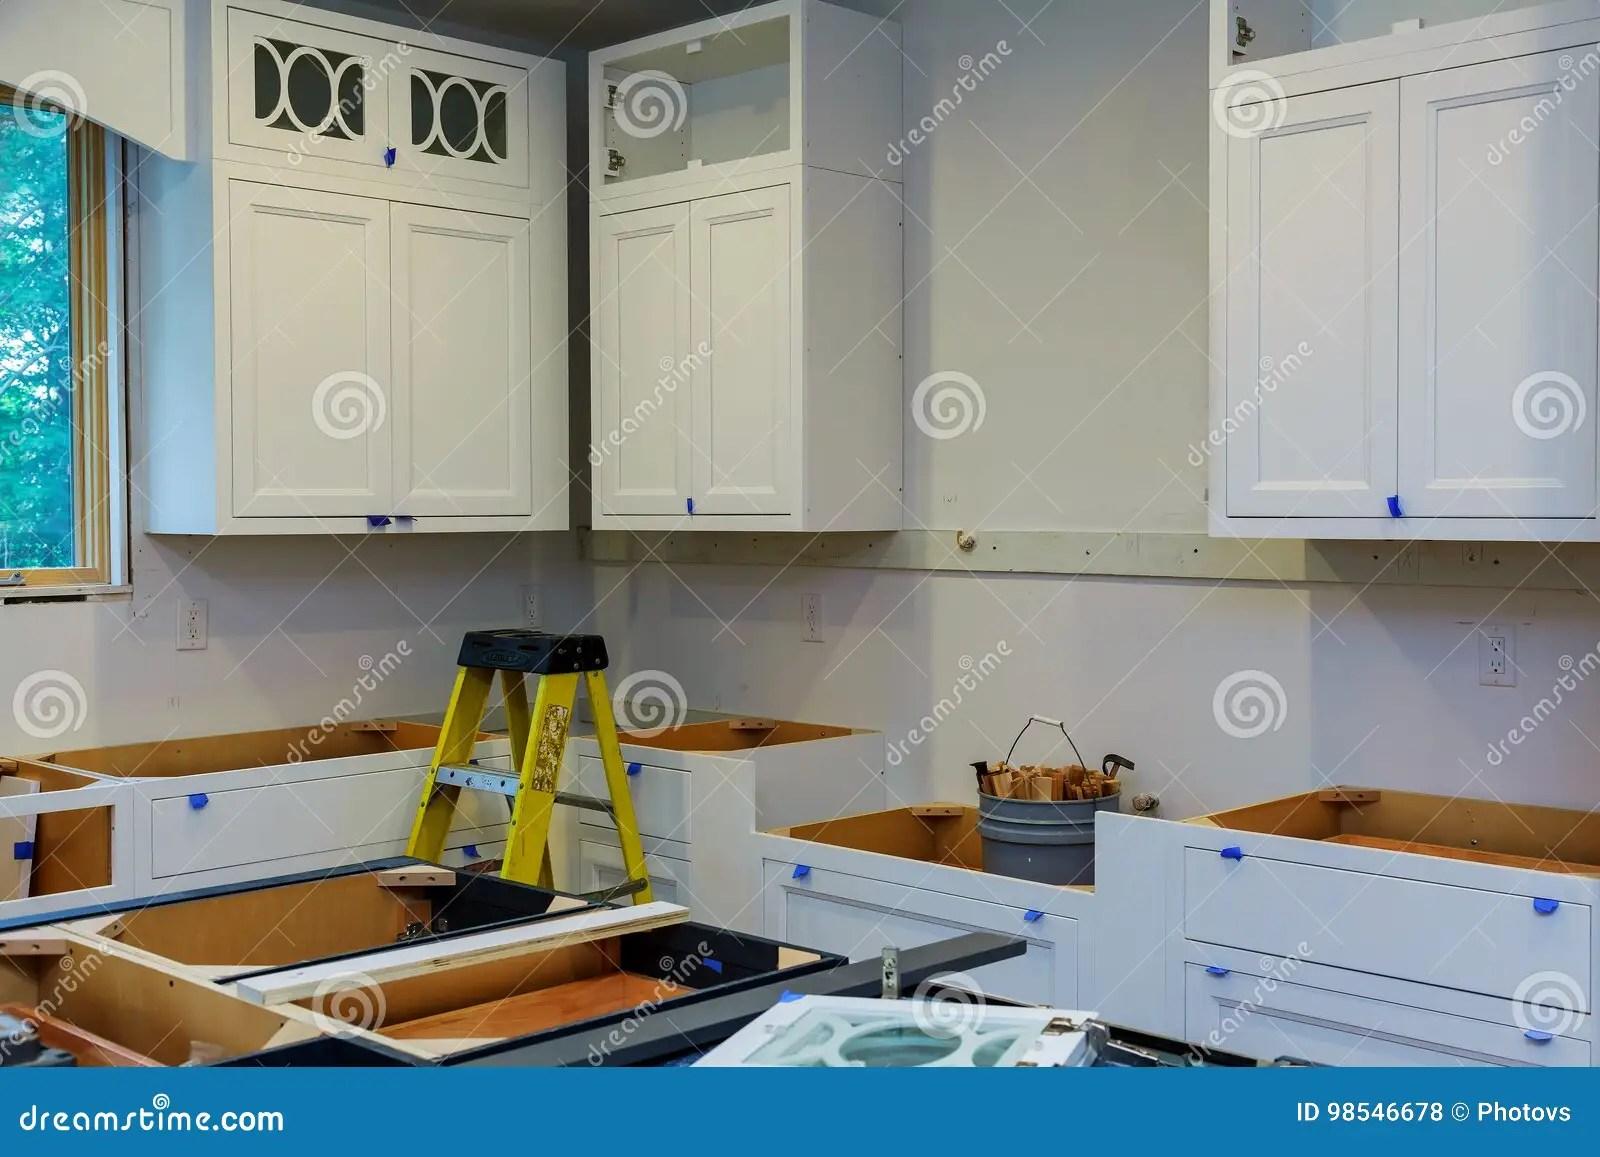 base kitchen cabinets black storage cabinet 习惯厨柜以设施基地各种各样的阶段海岛的在中心库存照片 图片包括有多种 习惯厨柜以设施基地各种各样的阶段海岛的在中心